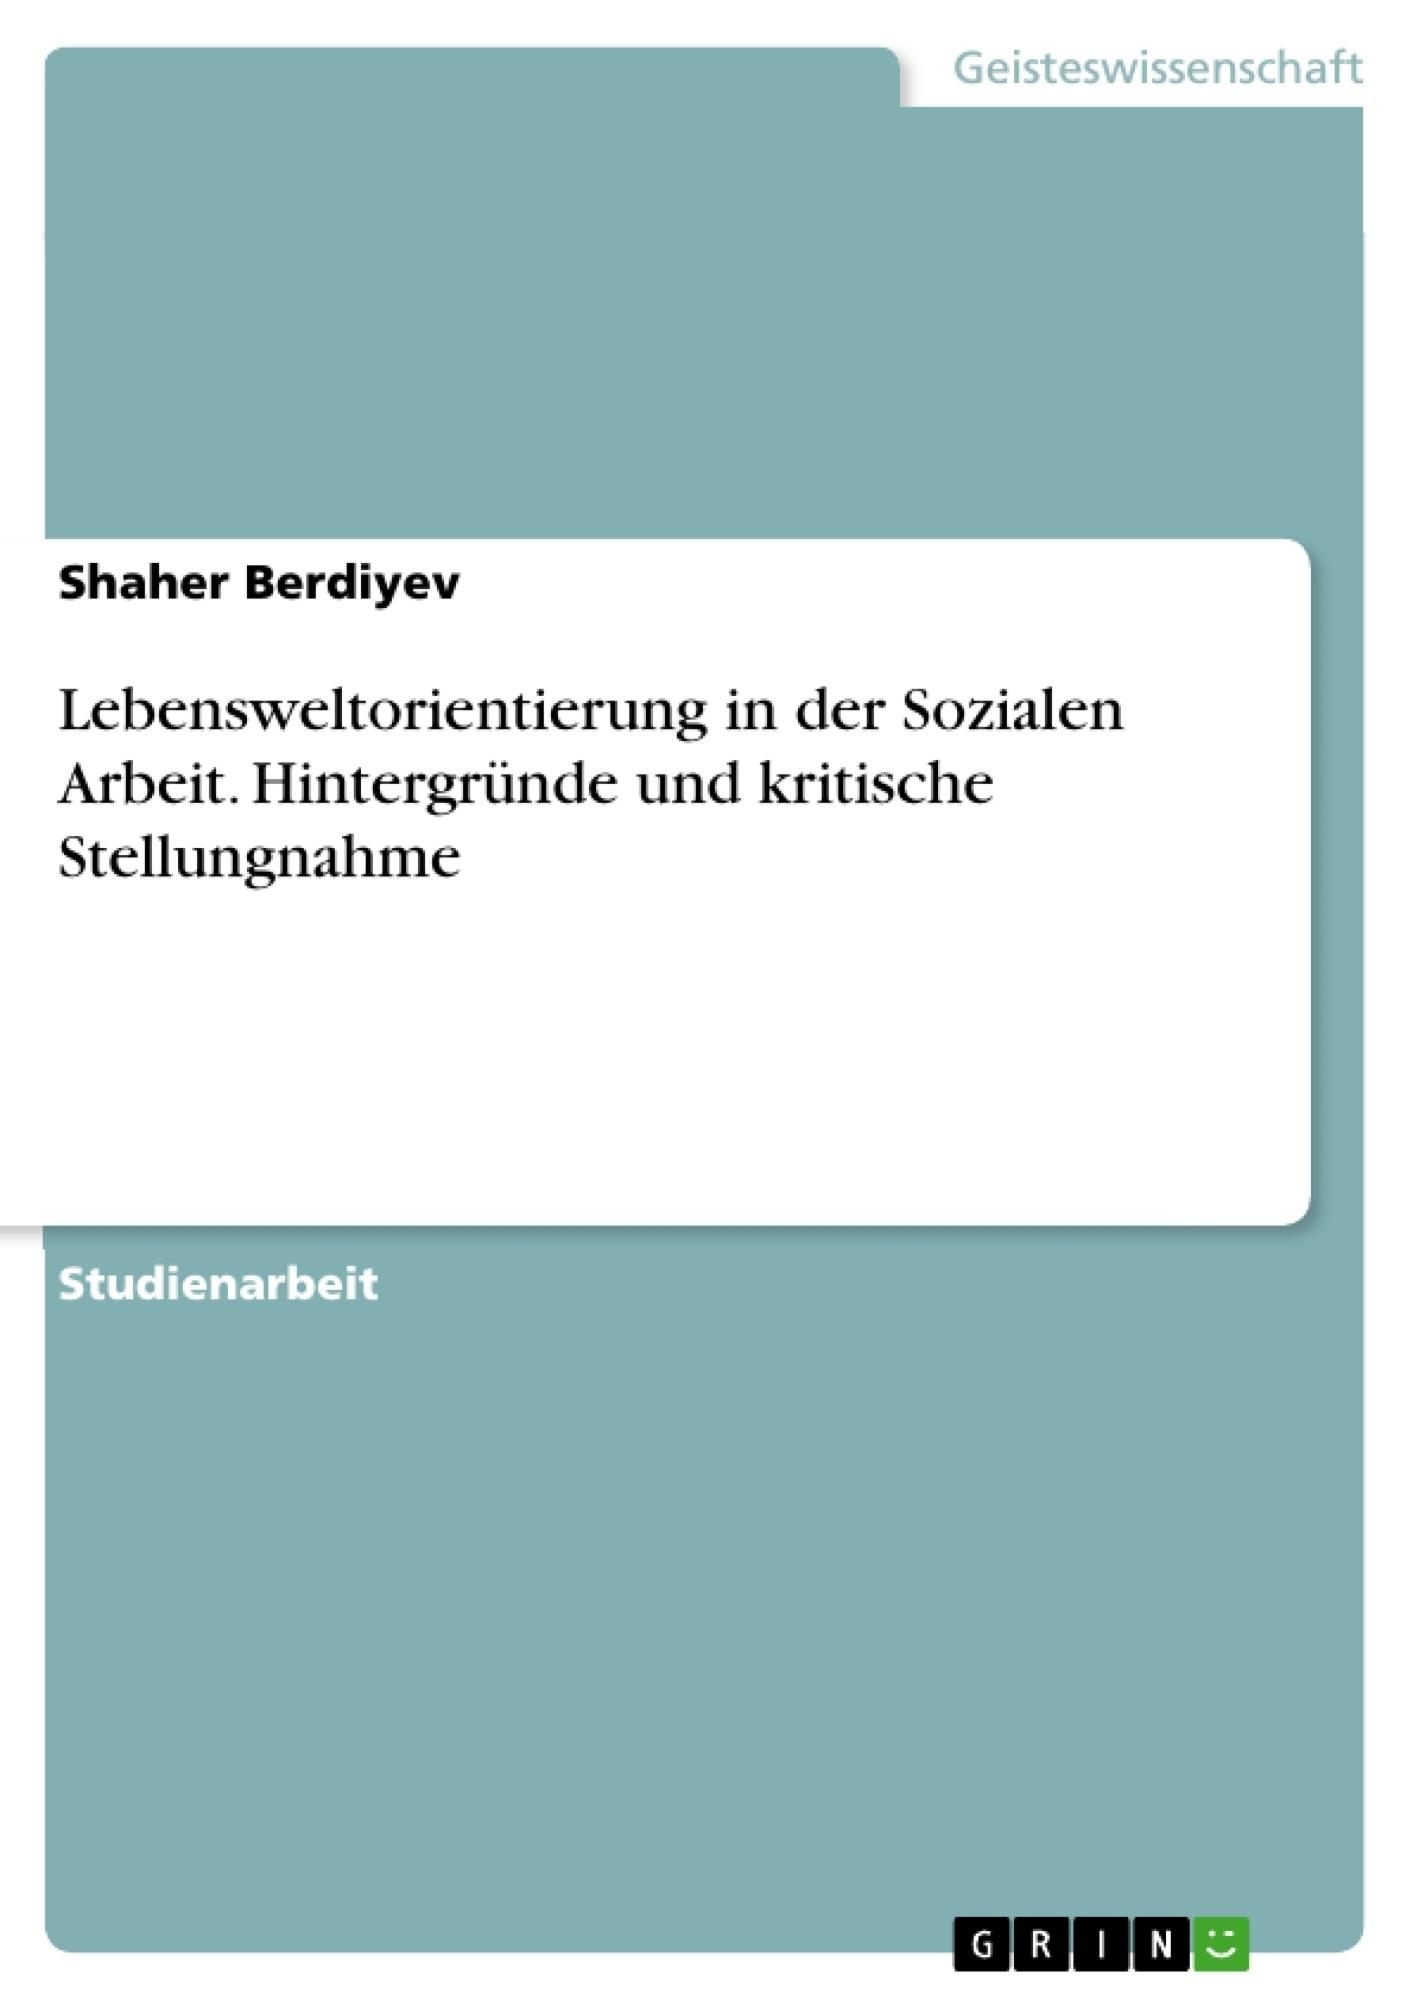 Titel: Lebensweltorientierung in der Sozialen Arbeit. Hintergründe und kritische Stellungnahme